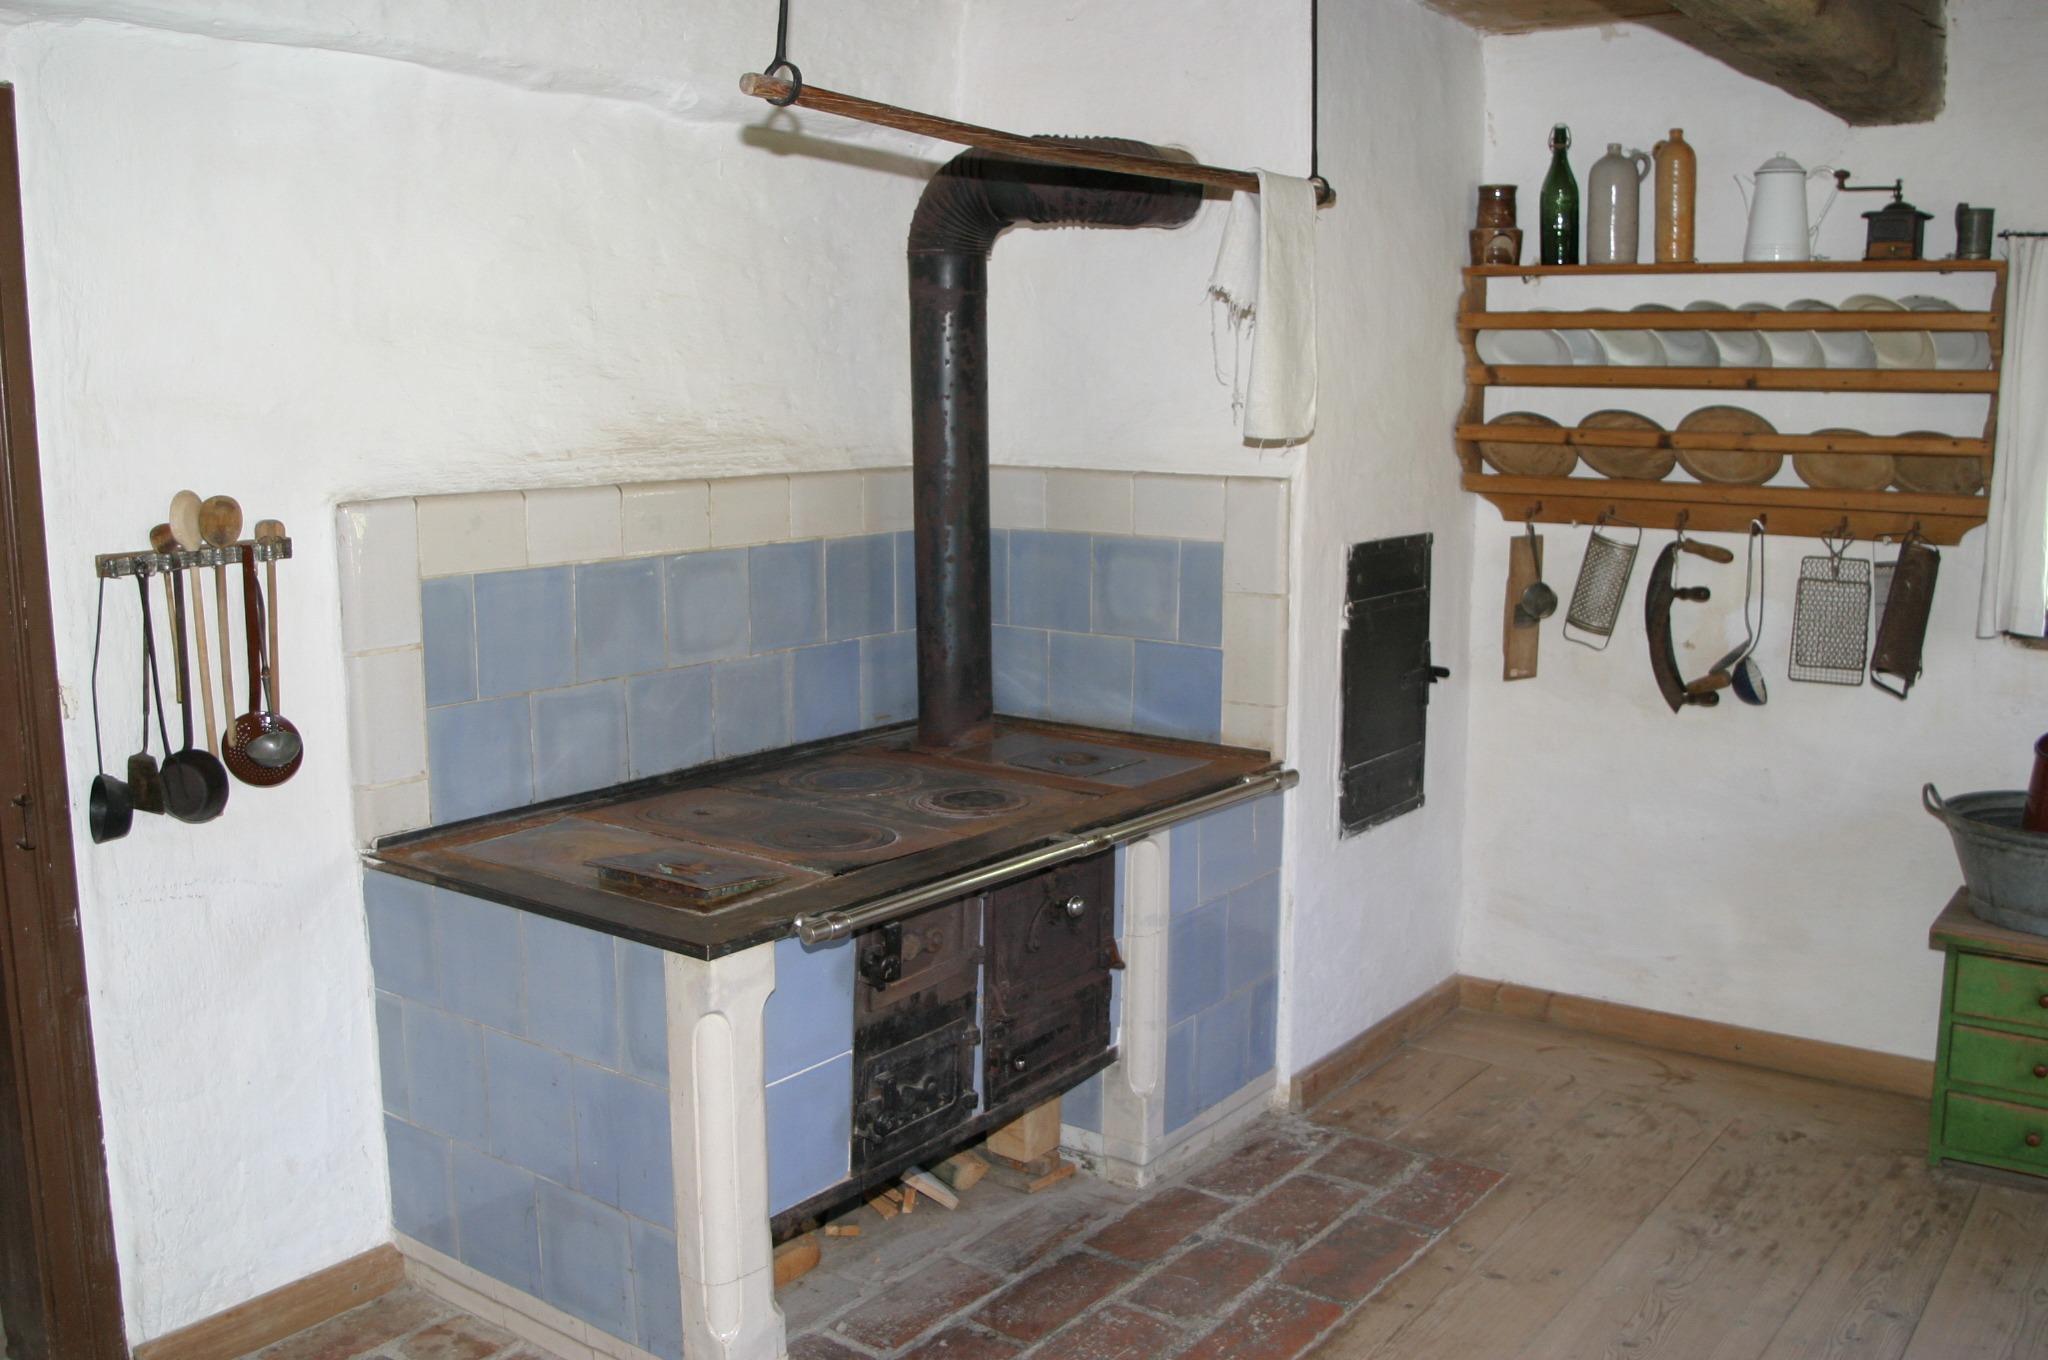 Kostenlose foto : Holz, Bauernhof, Haus, Stock, Zuhause ...